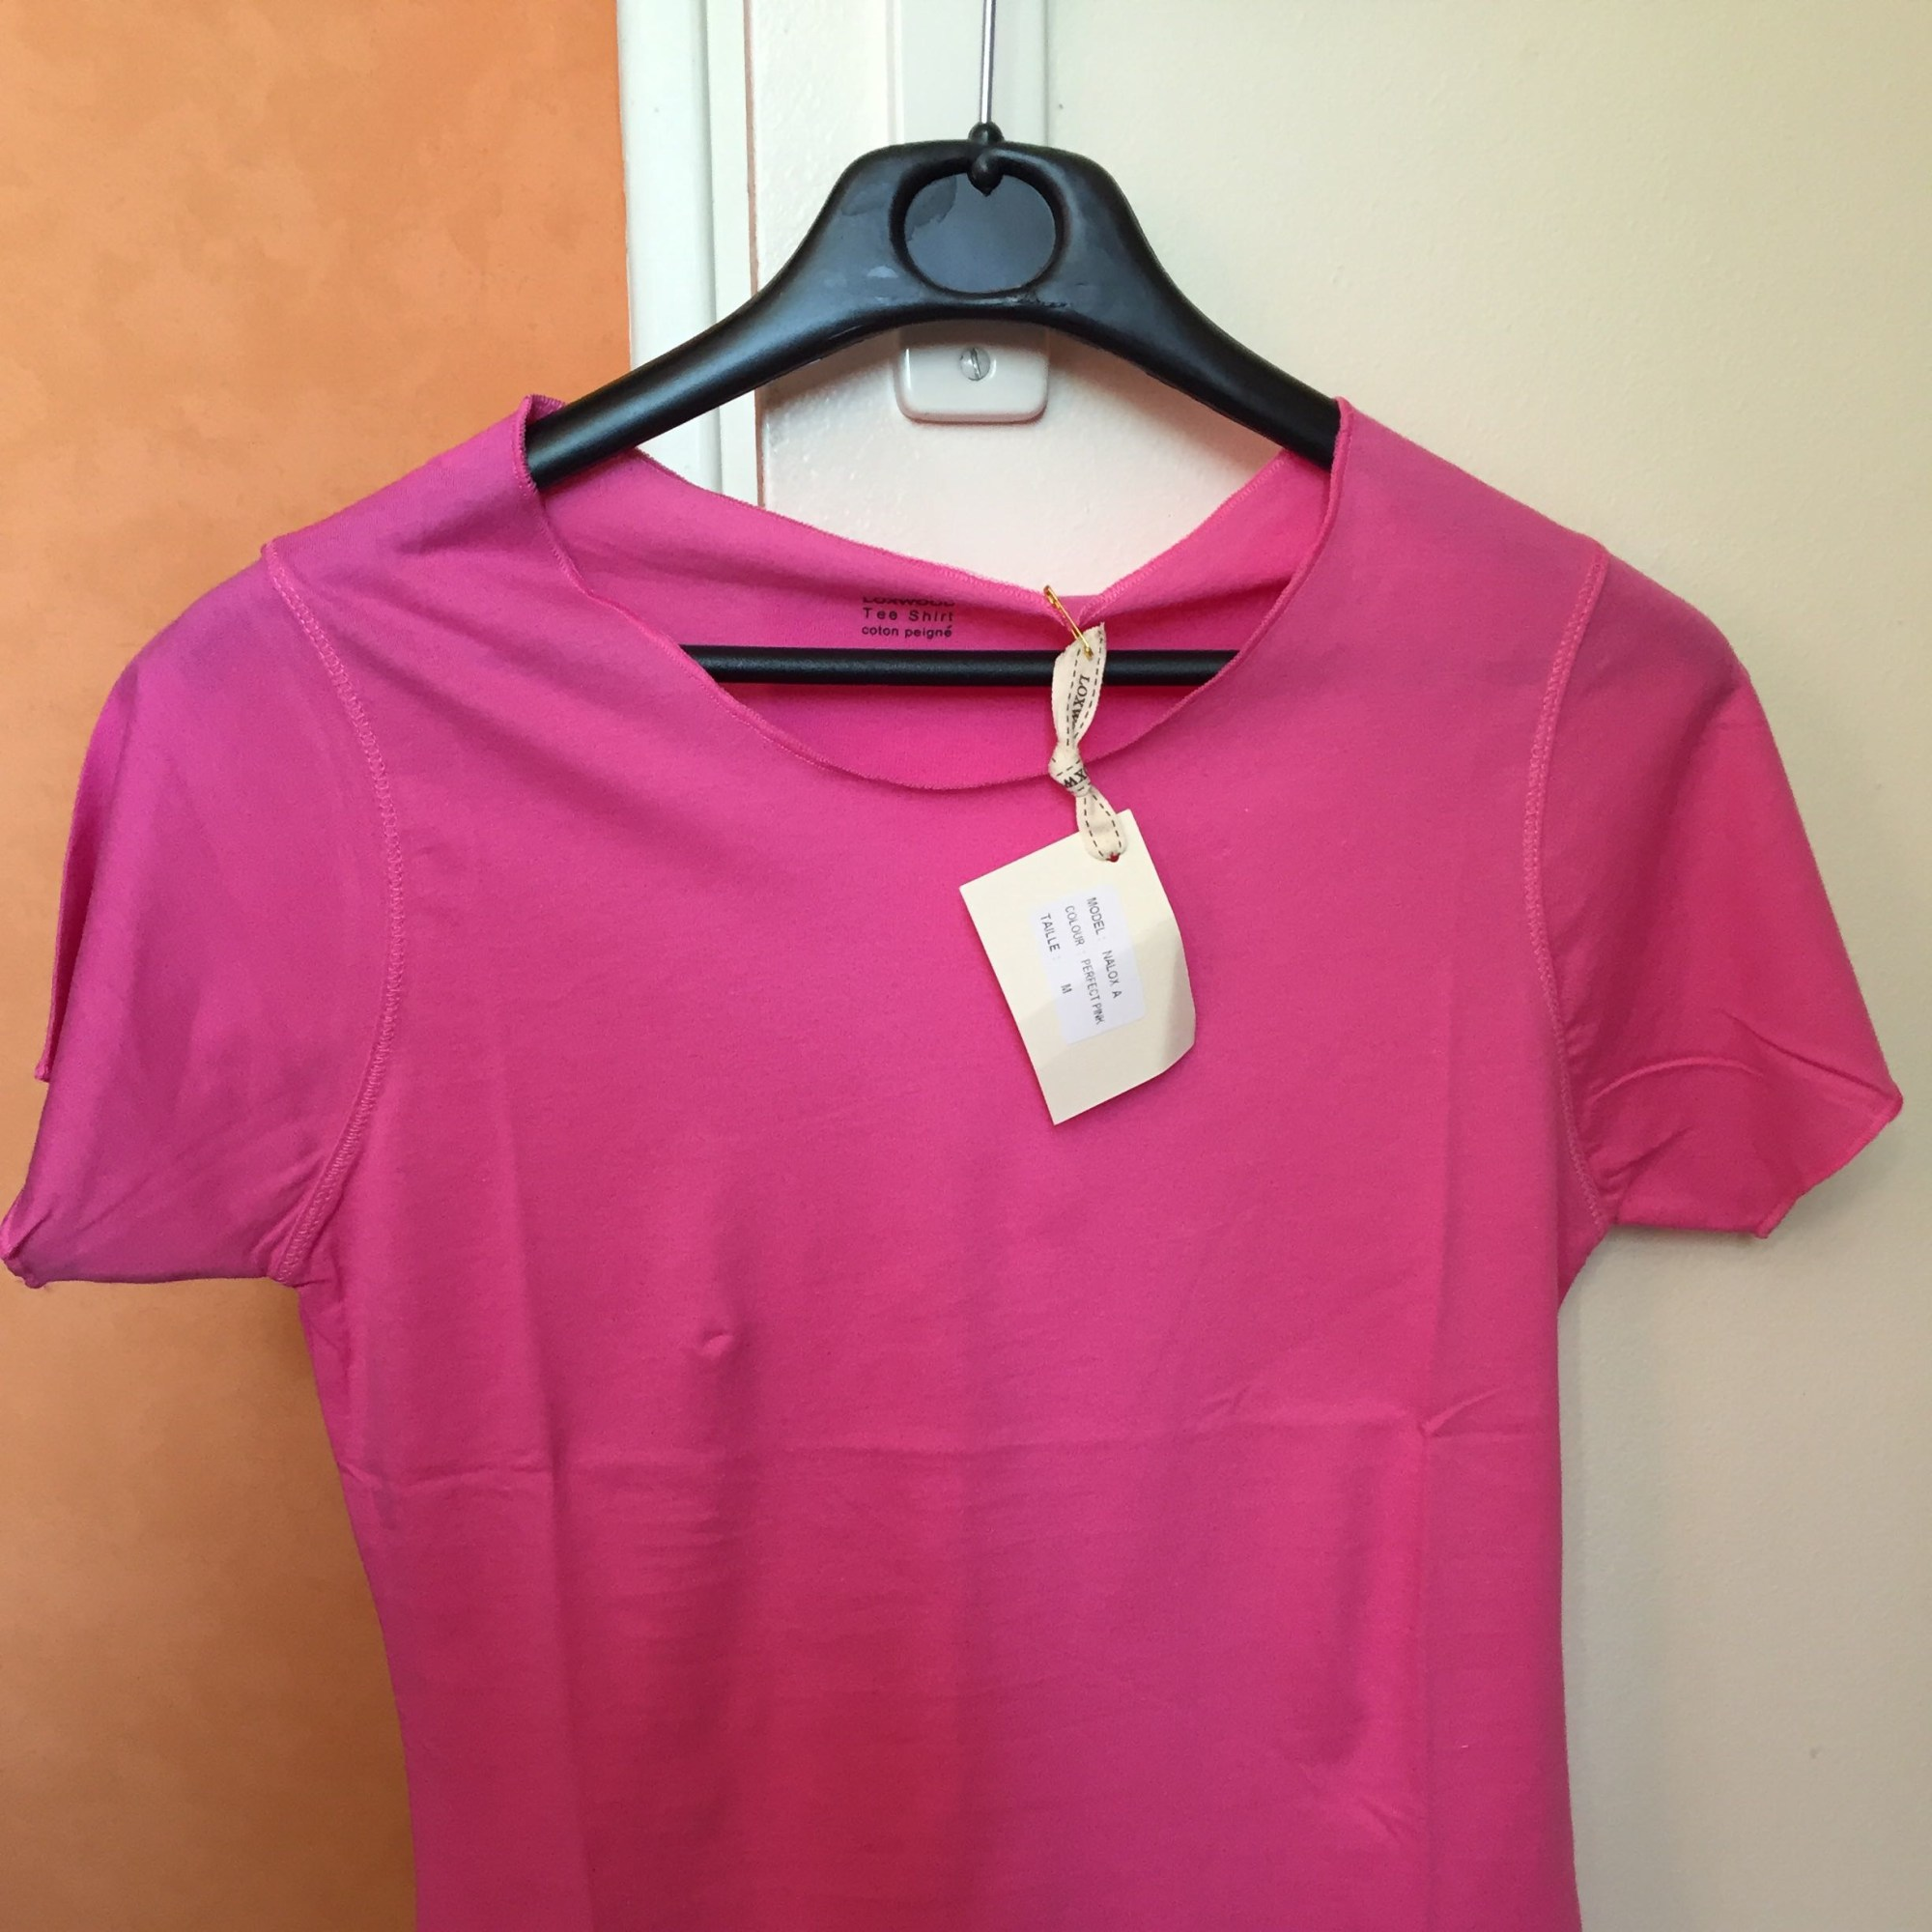 Top, tee-shirt LOXWOOD Rose, fuschia, vieux rose